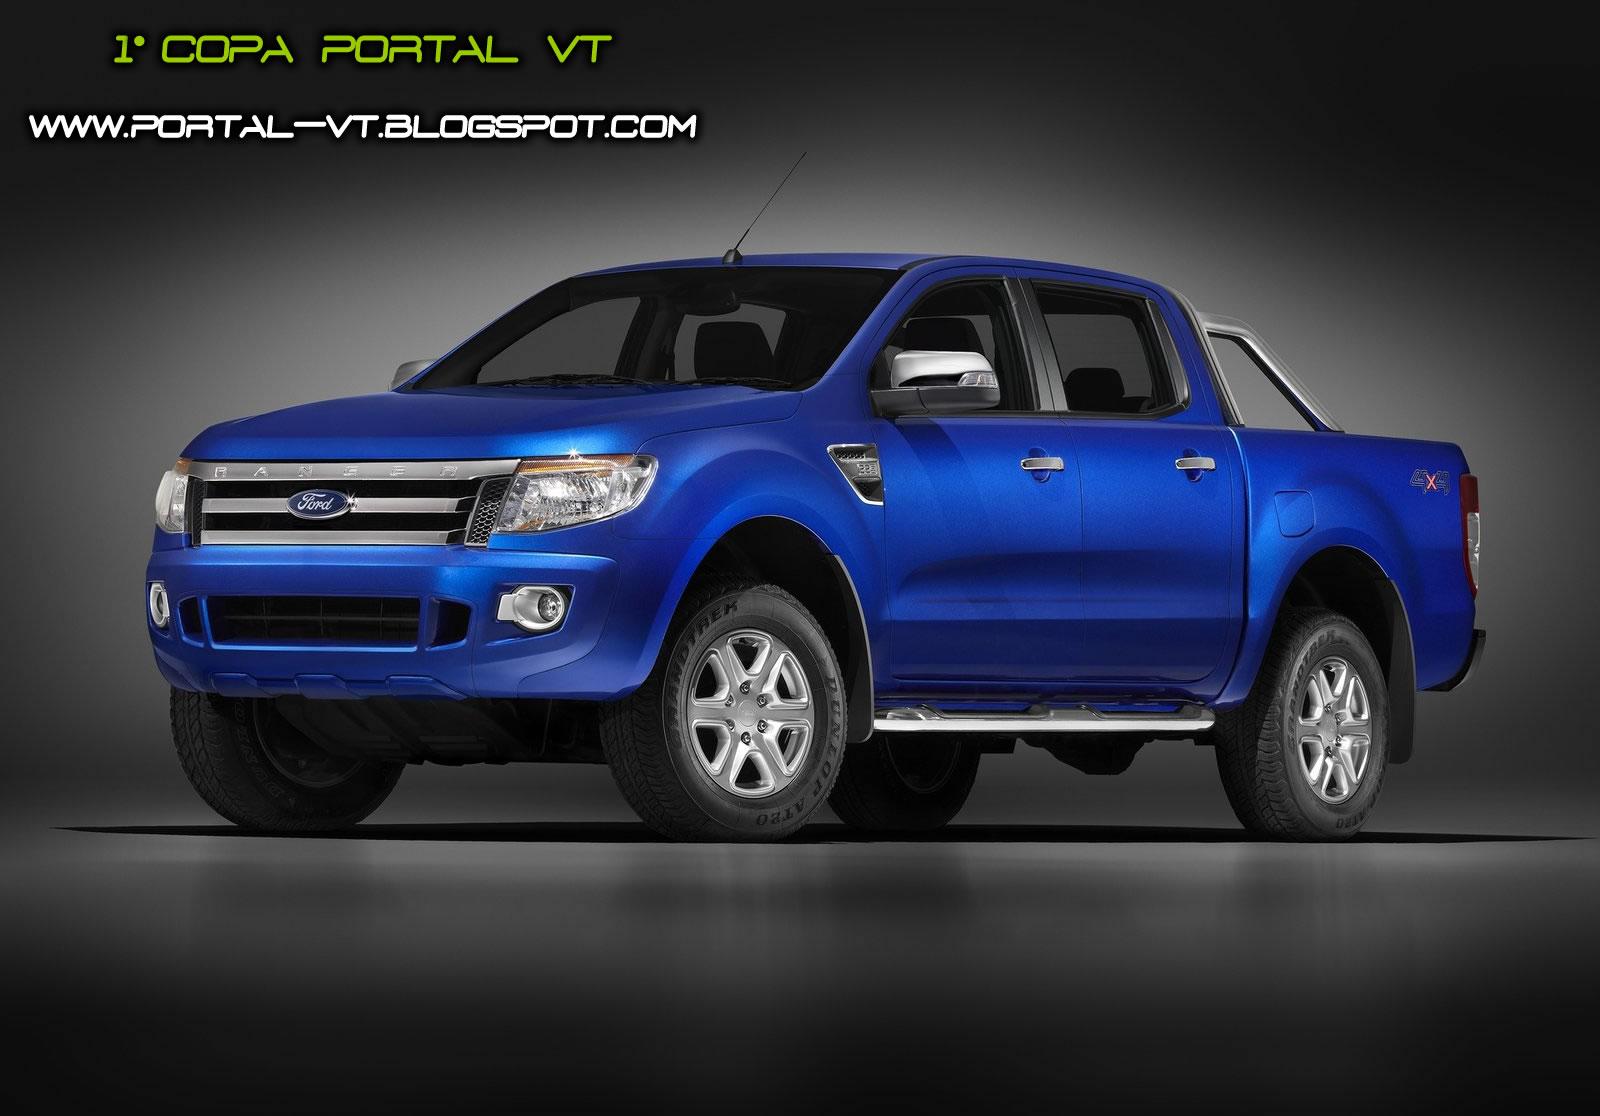 FORD Ranger 2012 Ranger_Portal_VT